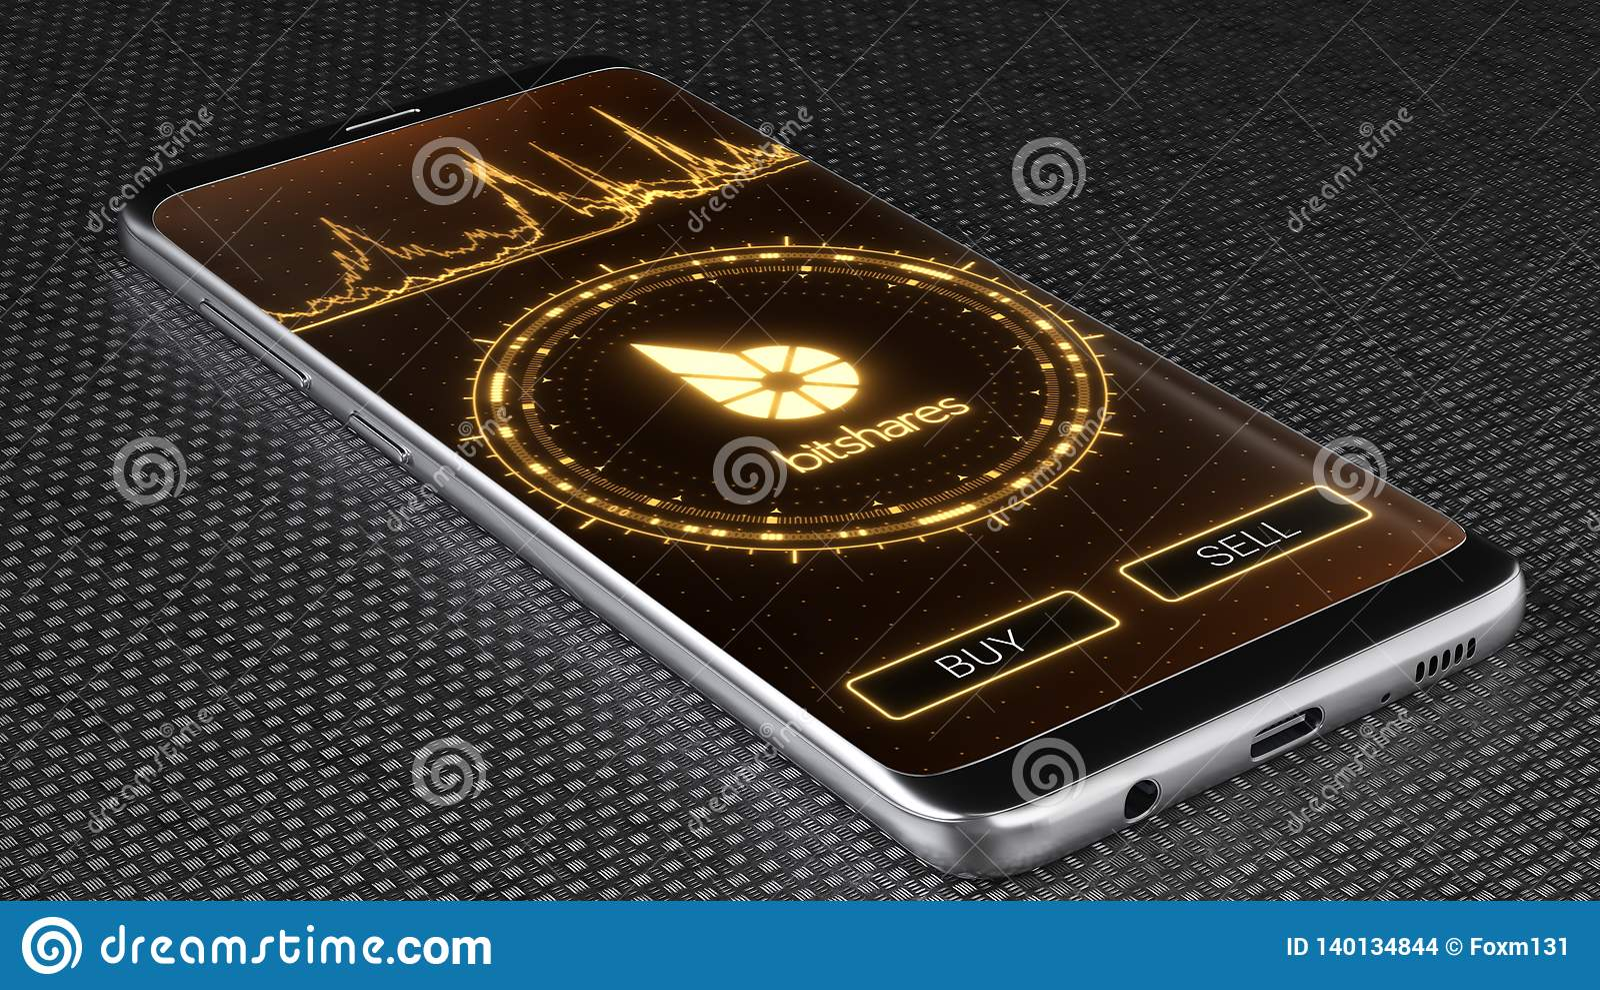 Символ cryptocurrency Bitshares на мобильном экране приложения иллюстрация 3d